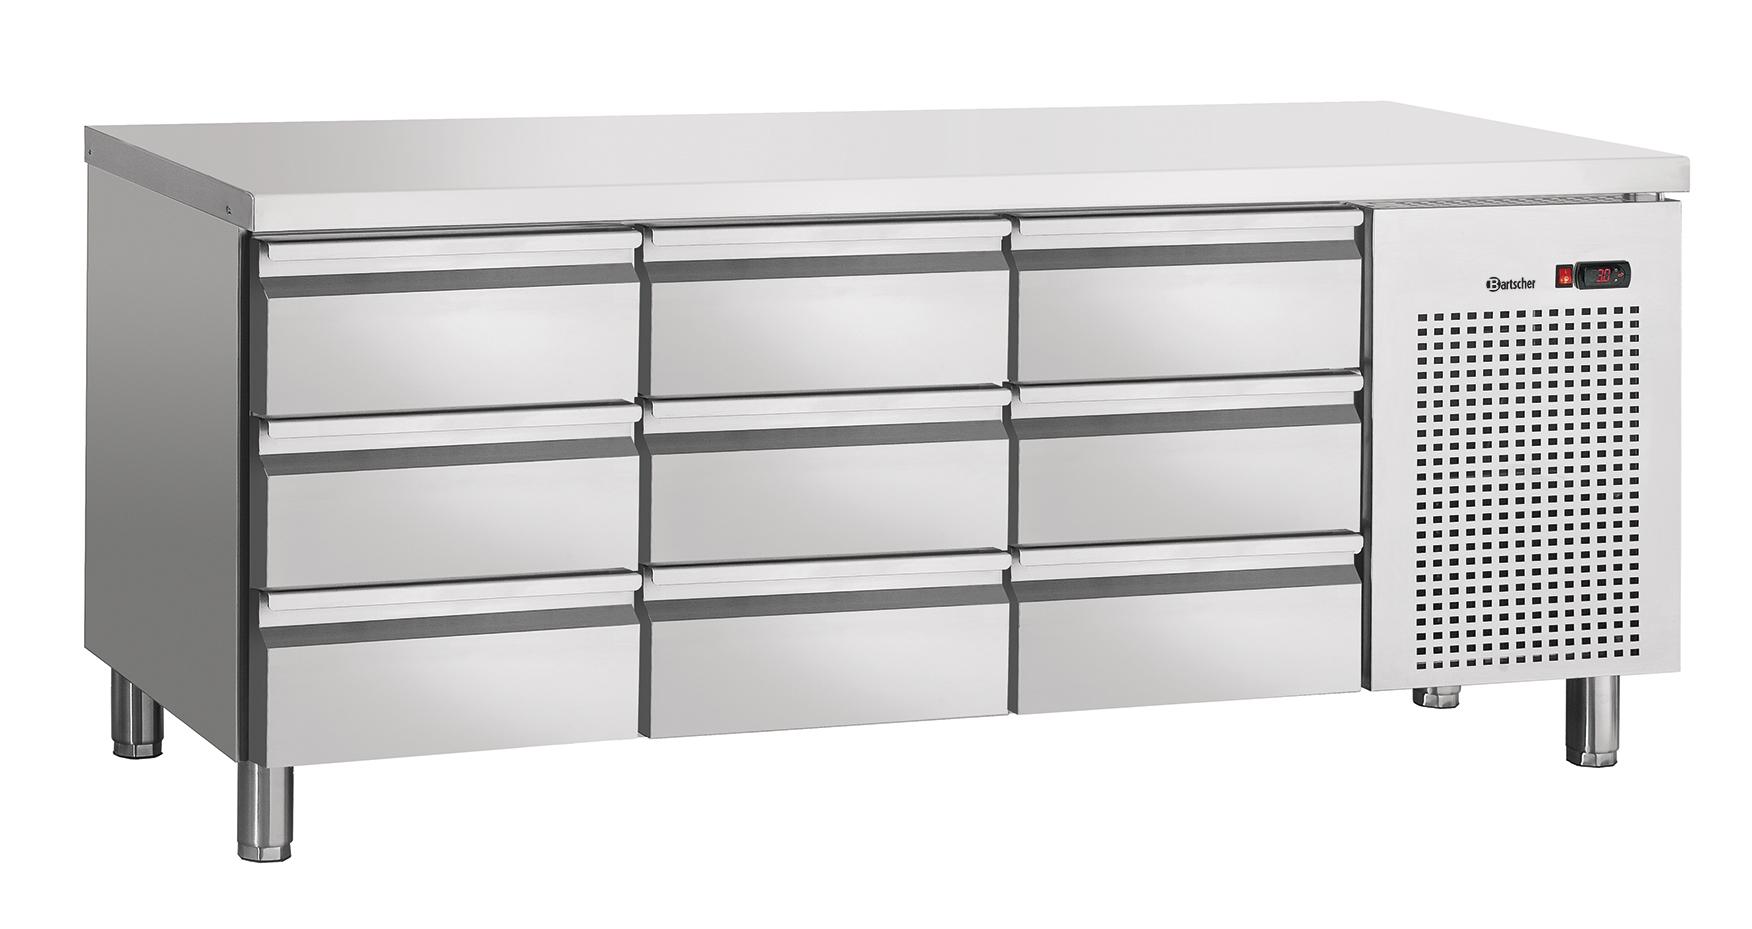 Bartscher Koeltafel S9-100 - 9 Lades - 179 x 70 x 85 cm - RVS